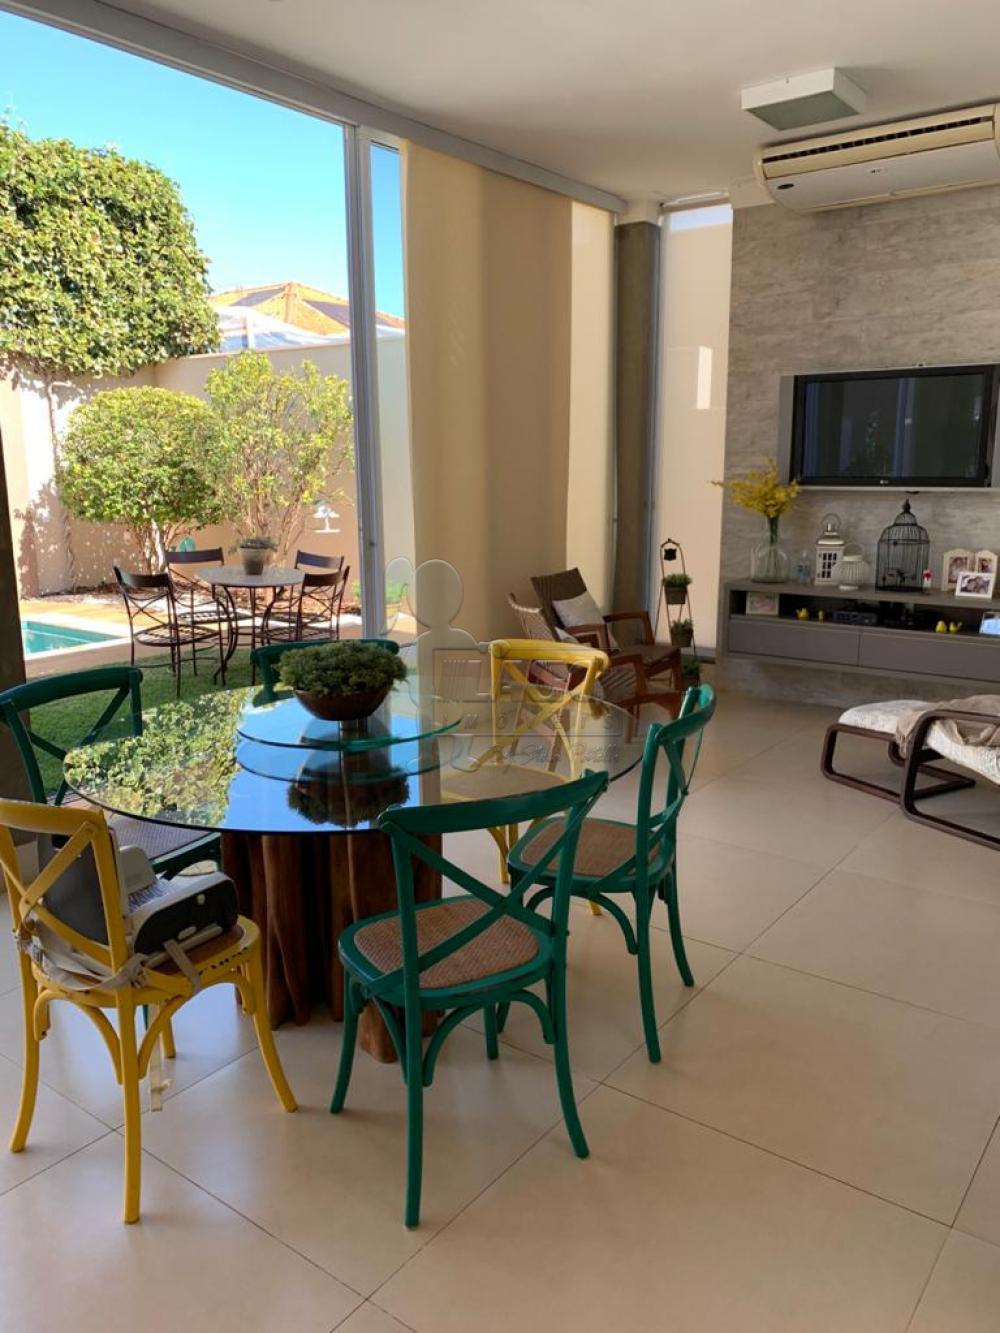 Comprar Casas / Condomínio em Ribeirão Preto R$ 1.890.000,00 - Foto 5